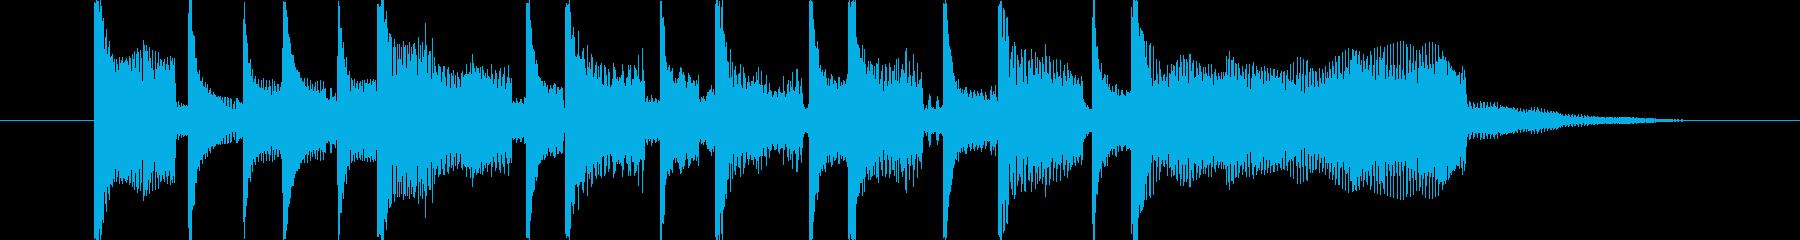 作品が完成した時の満足ファンファーレの再生済みの波形